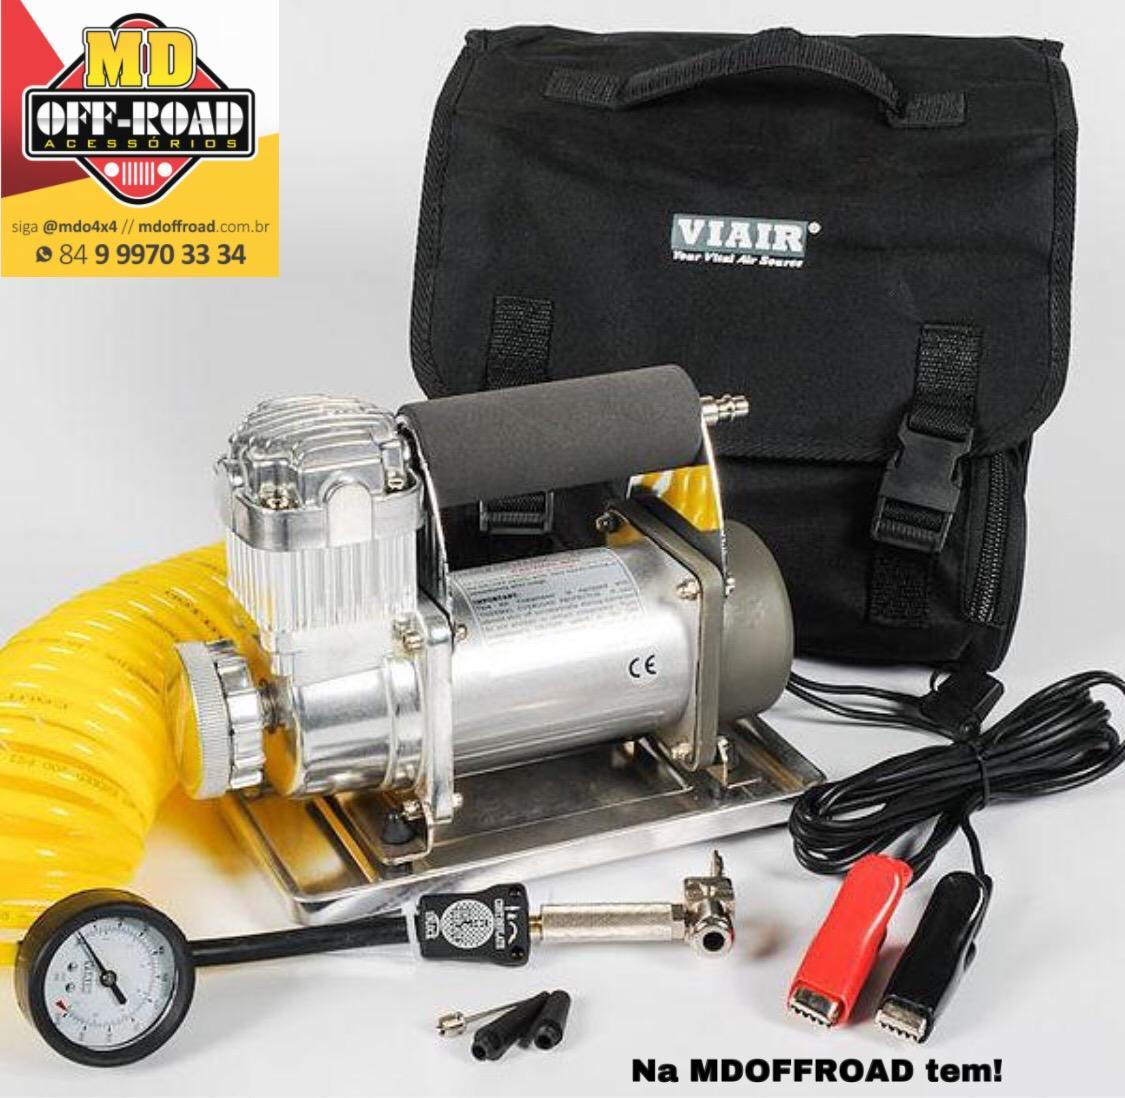 VIAIR 450P Compressor Portátil